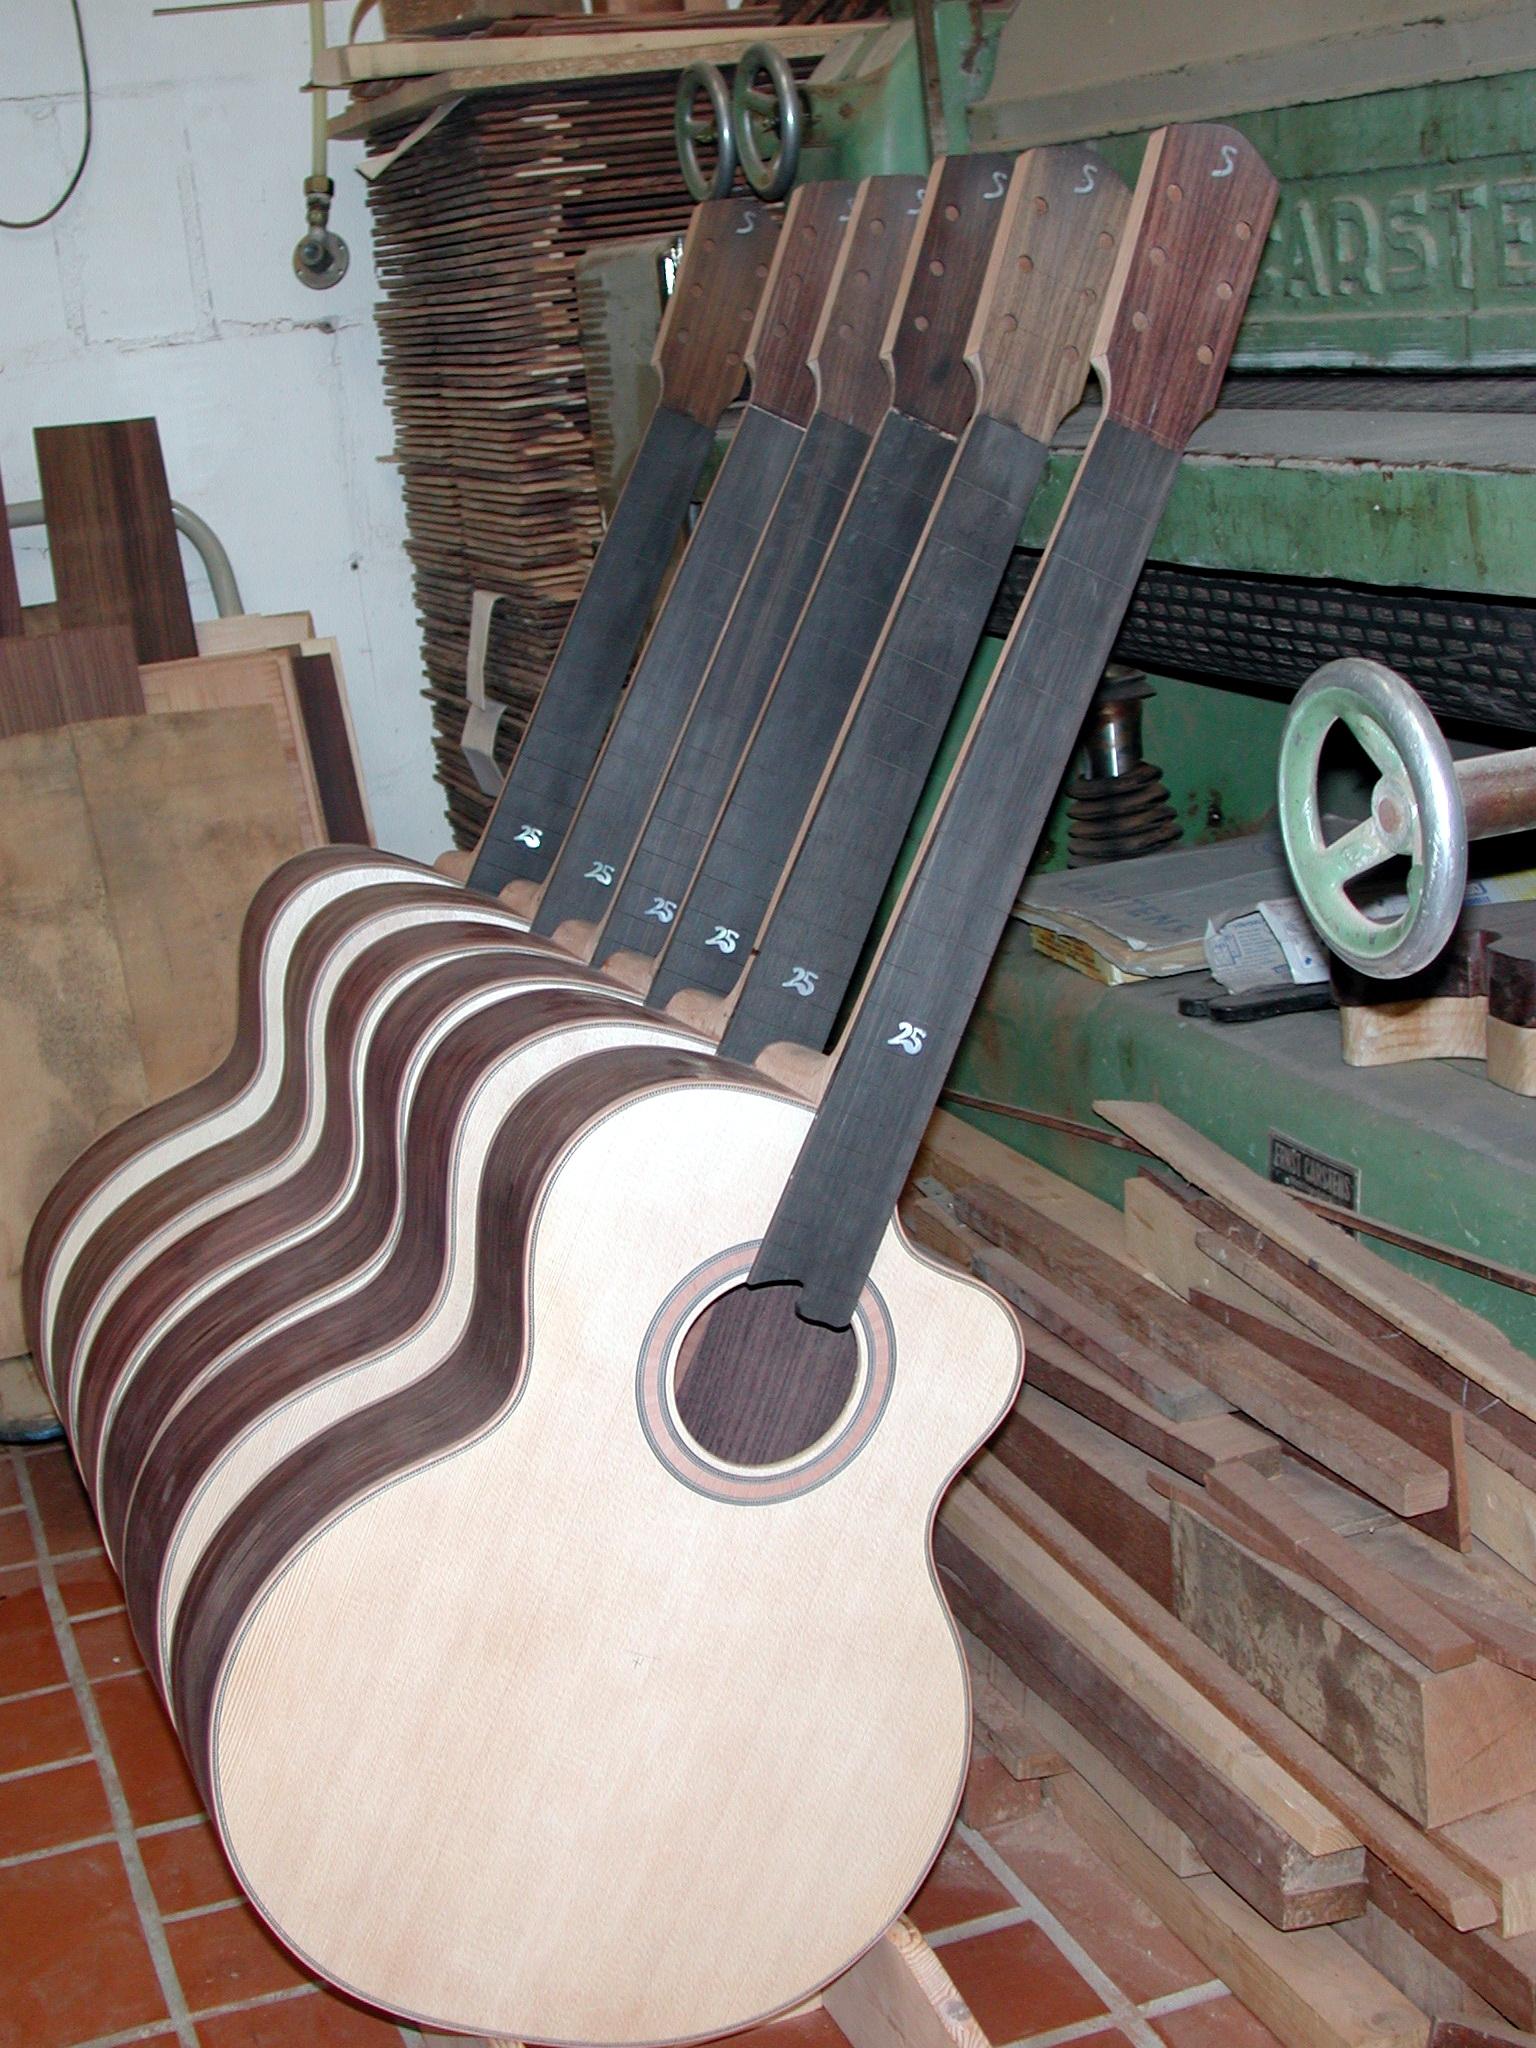 Gitarrenbau Christian Stoll: Hals: Jetzt sind die Griffbretter abgerichtet, das heißt, sie besitzen in Querrichtung nun eine leichte Wölbung.